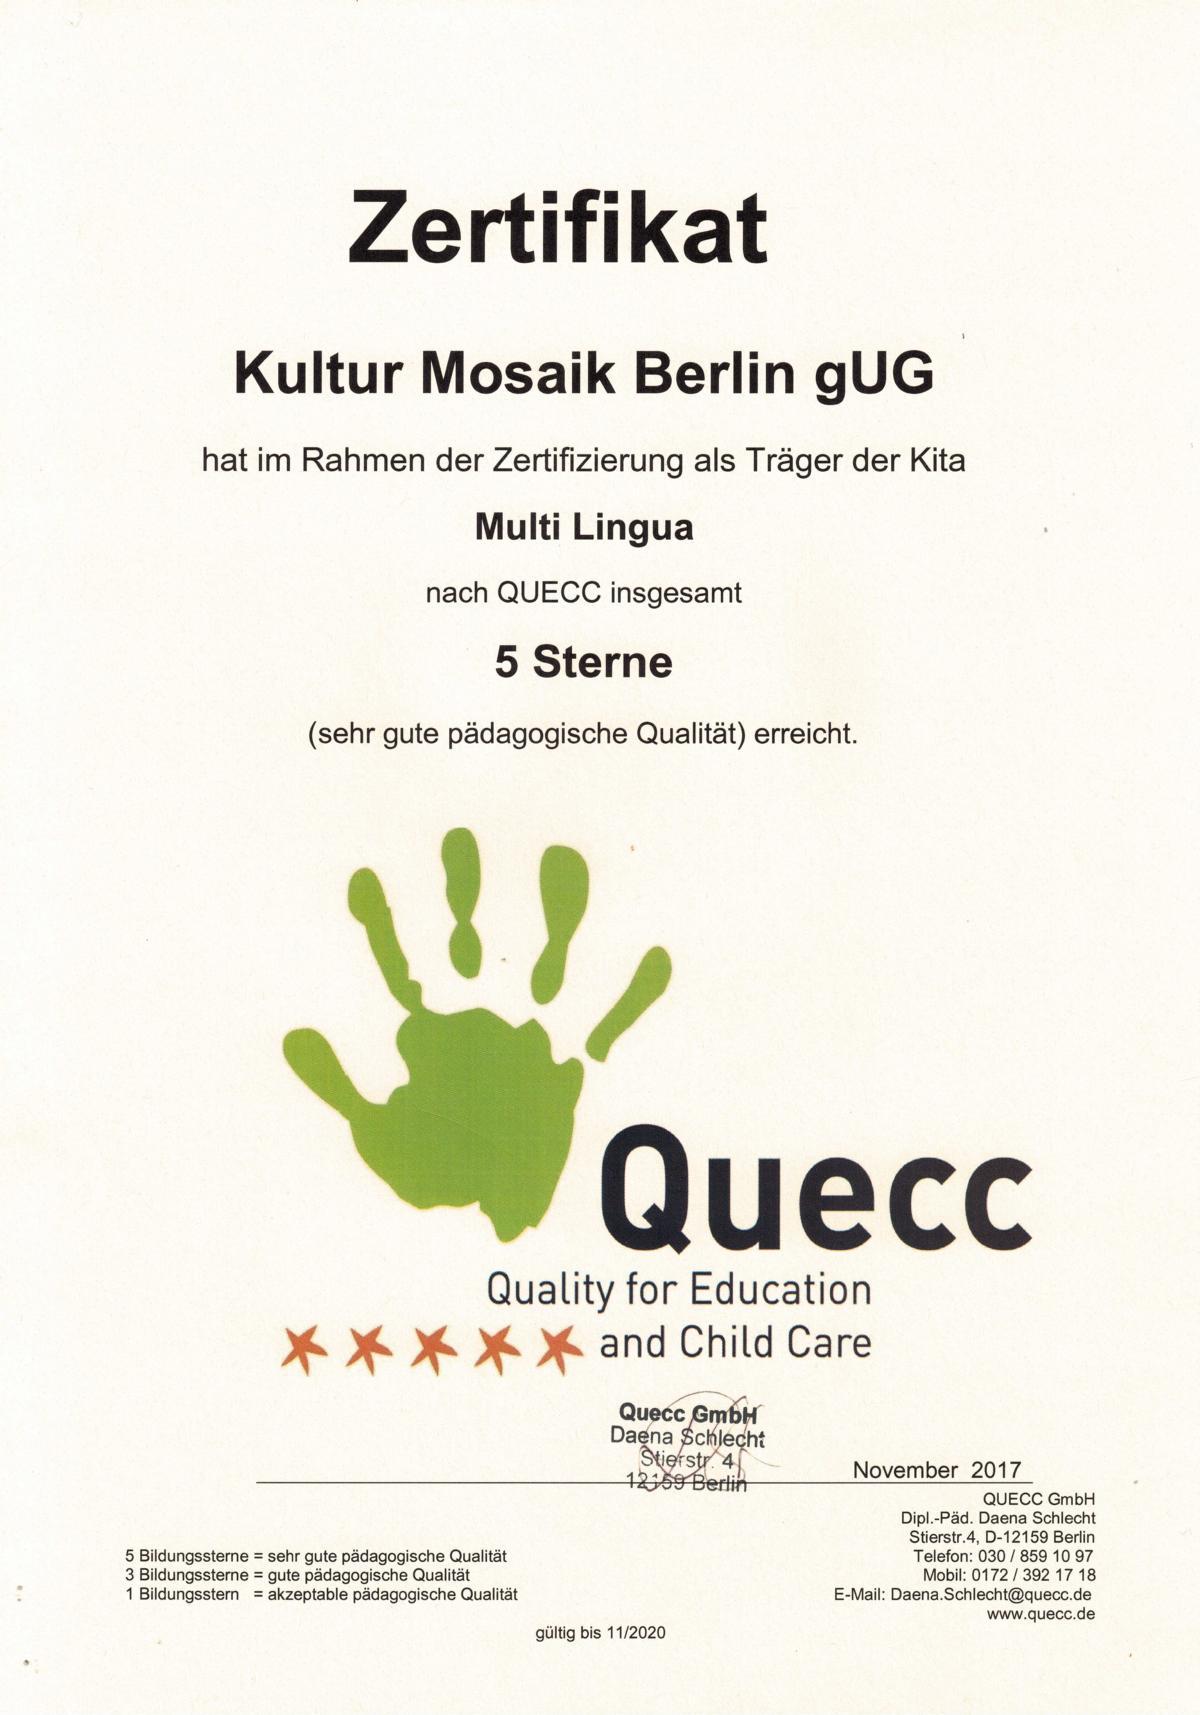 Die Qualität unserer pädagogischen Arbeit wurde im November 2017 von Queccin einem aufwändigen Prüfverfahren mit seltenen 5 Sternen zertifiziert.